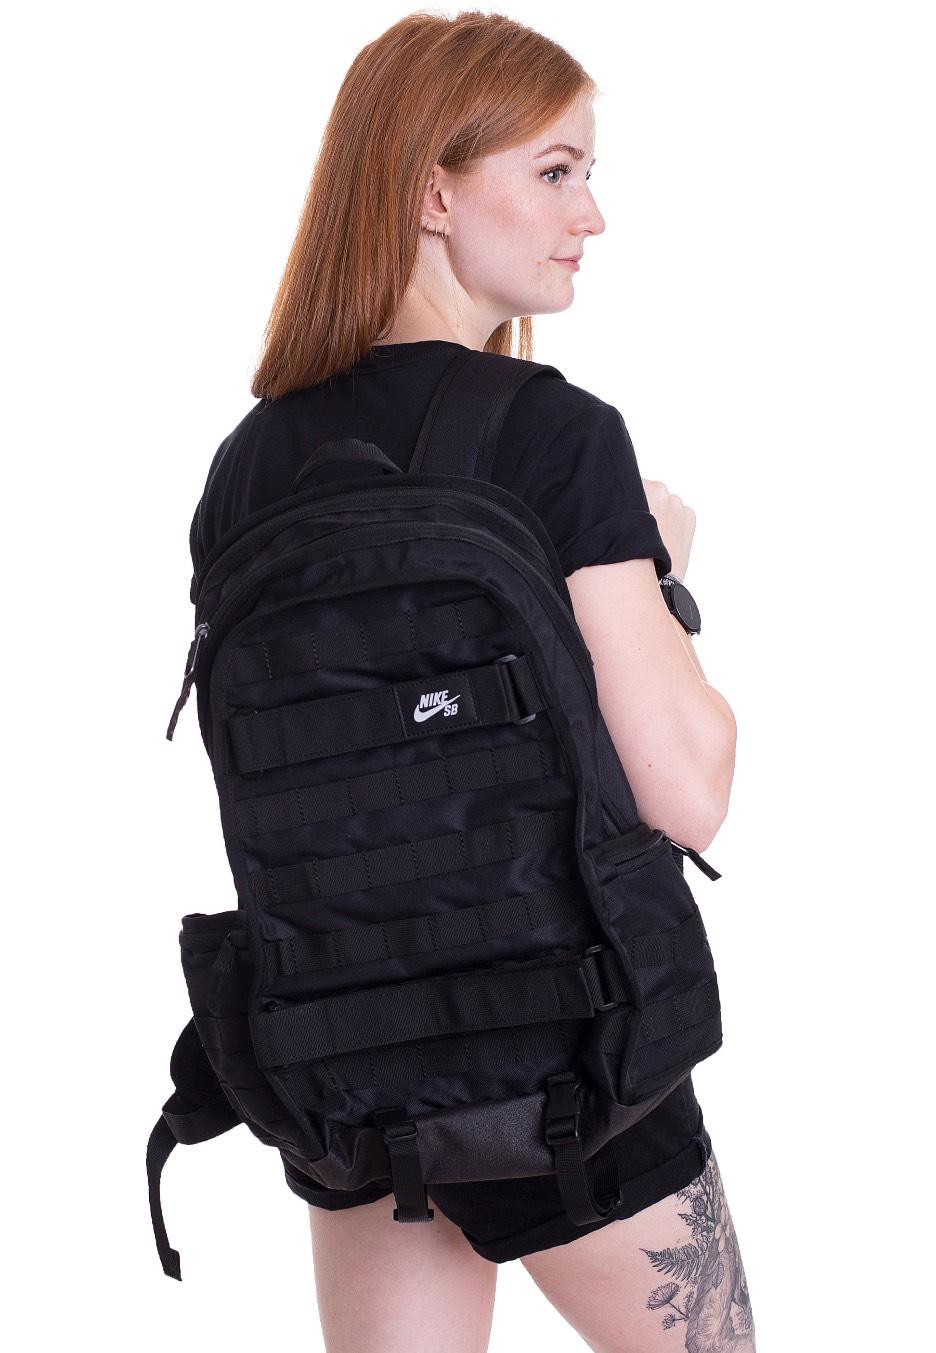 918ee0fcb34 Nike - SB RPM Black Black Black - Backpack - Streetwear Shop ...